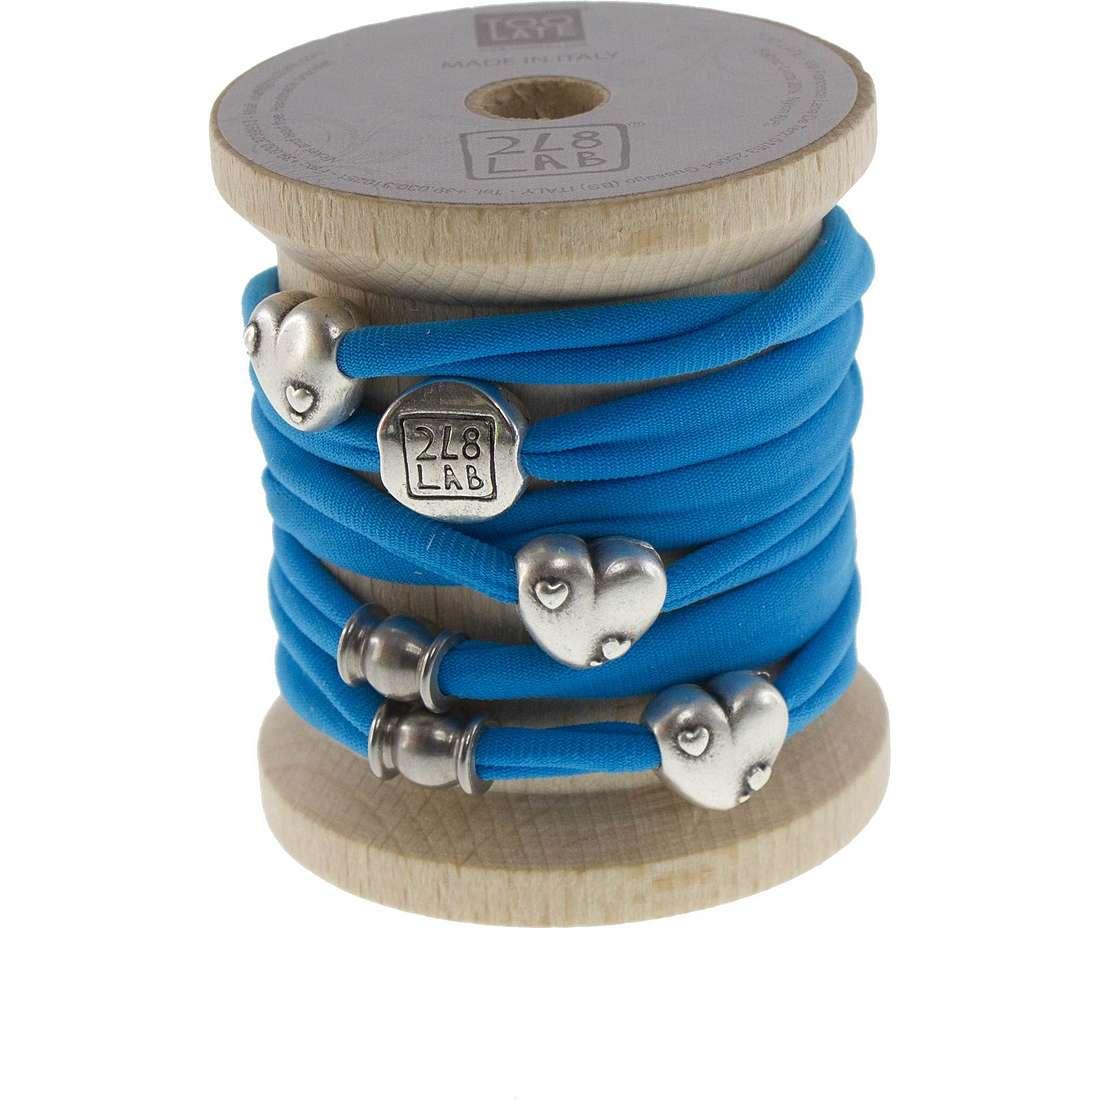 bracelet woman jewellery Too late Lycra 8537